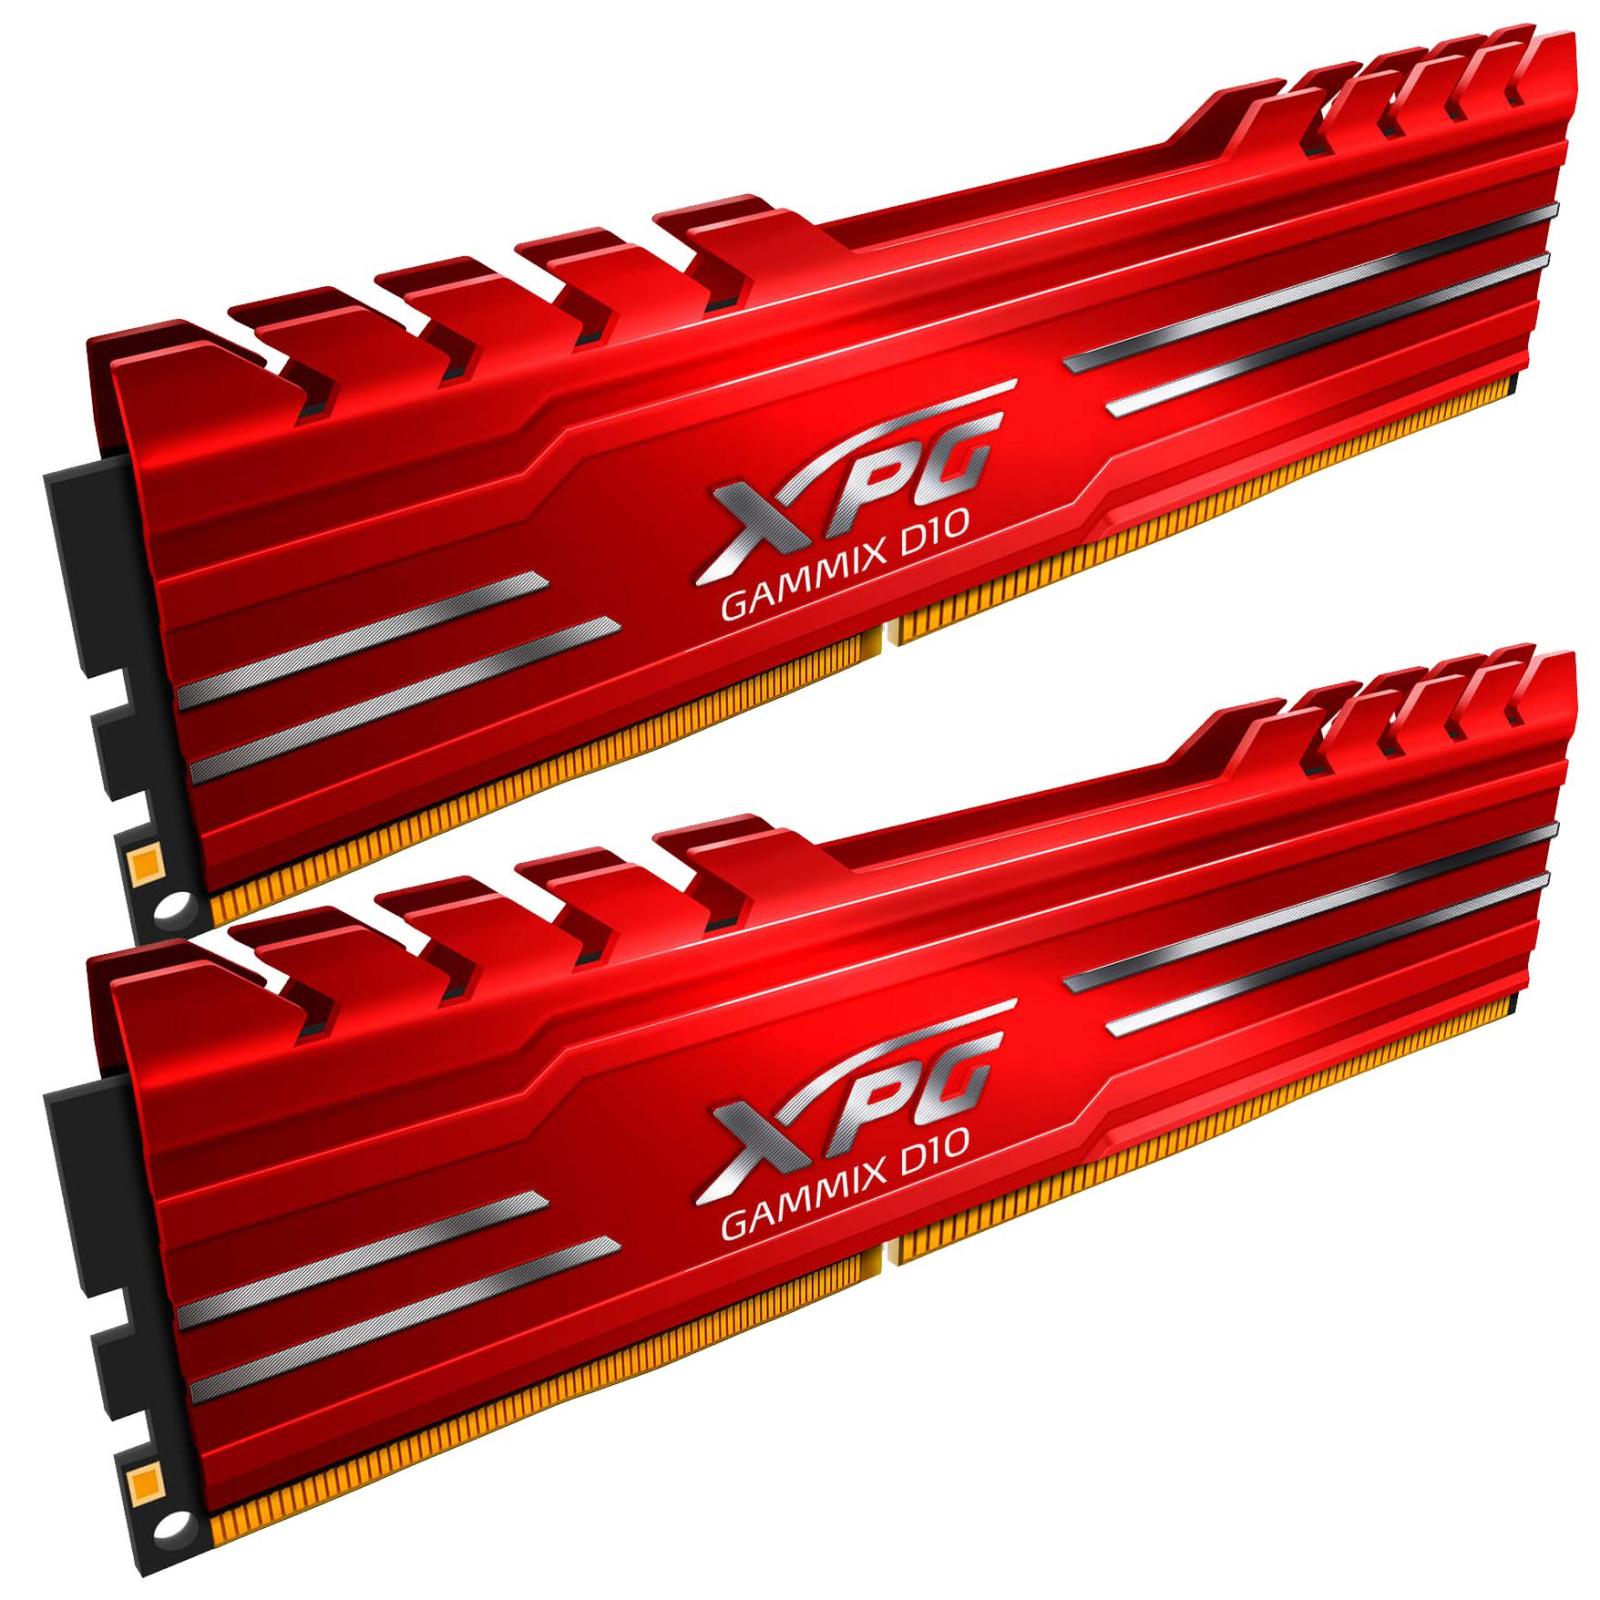 Модуль памяти для компьютера DDR4 8GB (2x4GB) 3000 MHz XPG Gammix D10 Red ADATA (AX4U3000W4G16-DRG) изображение 2